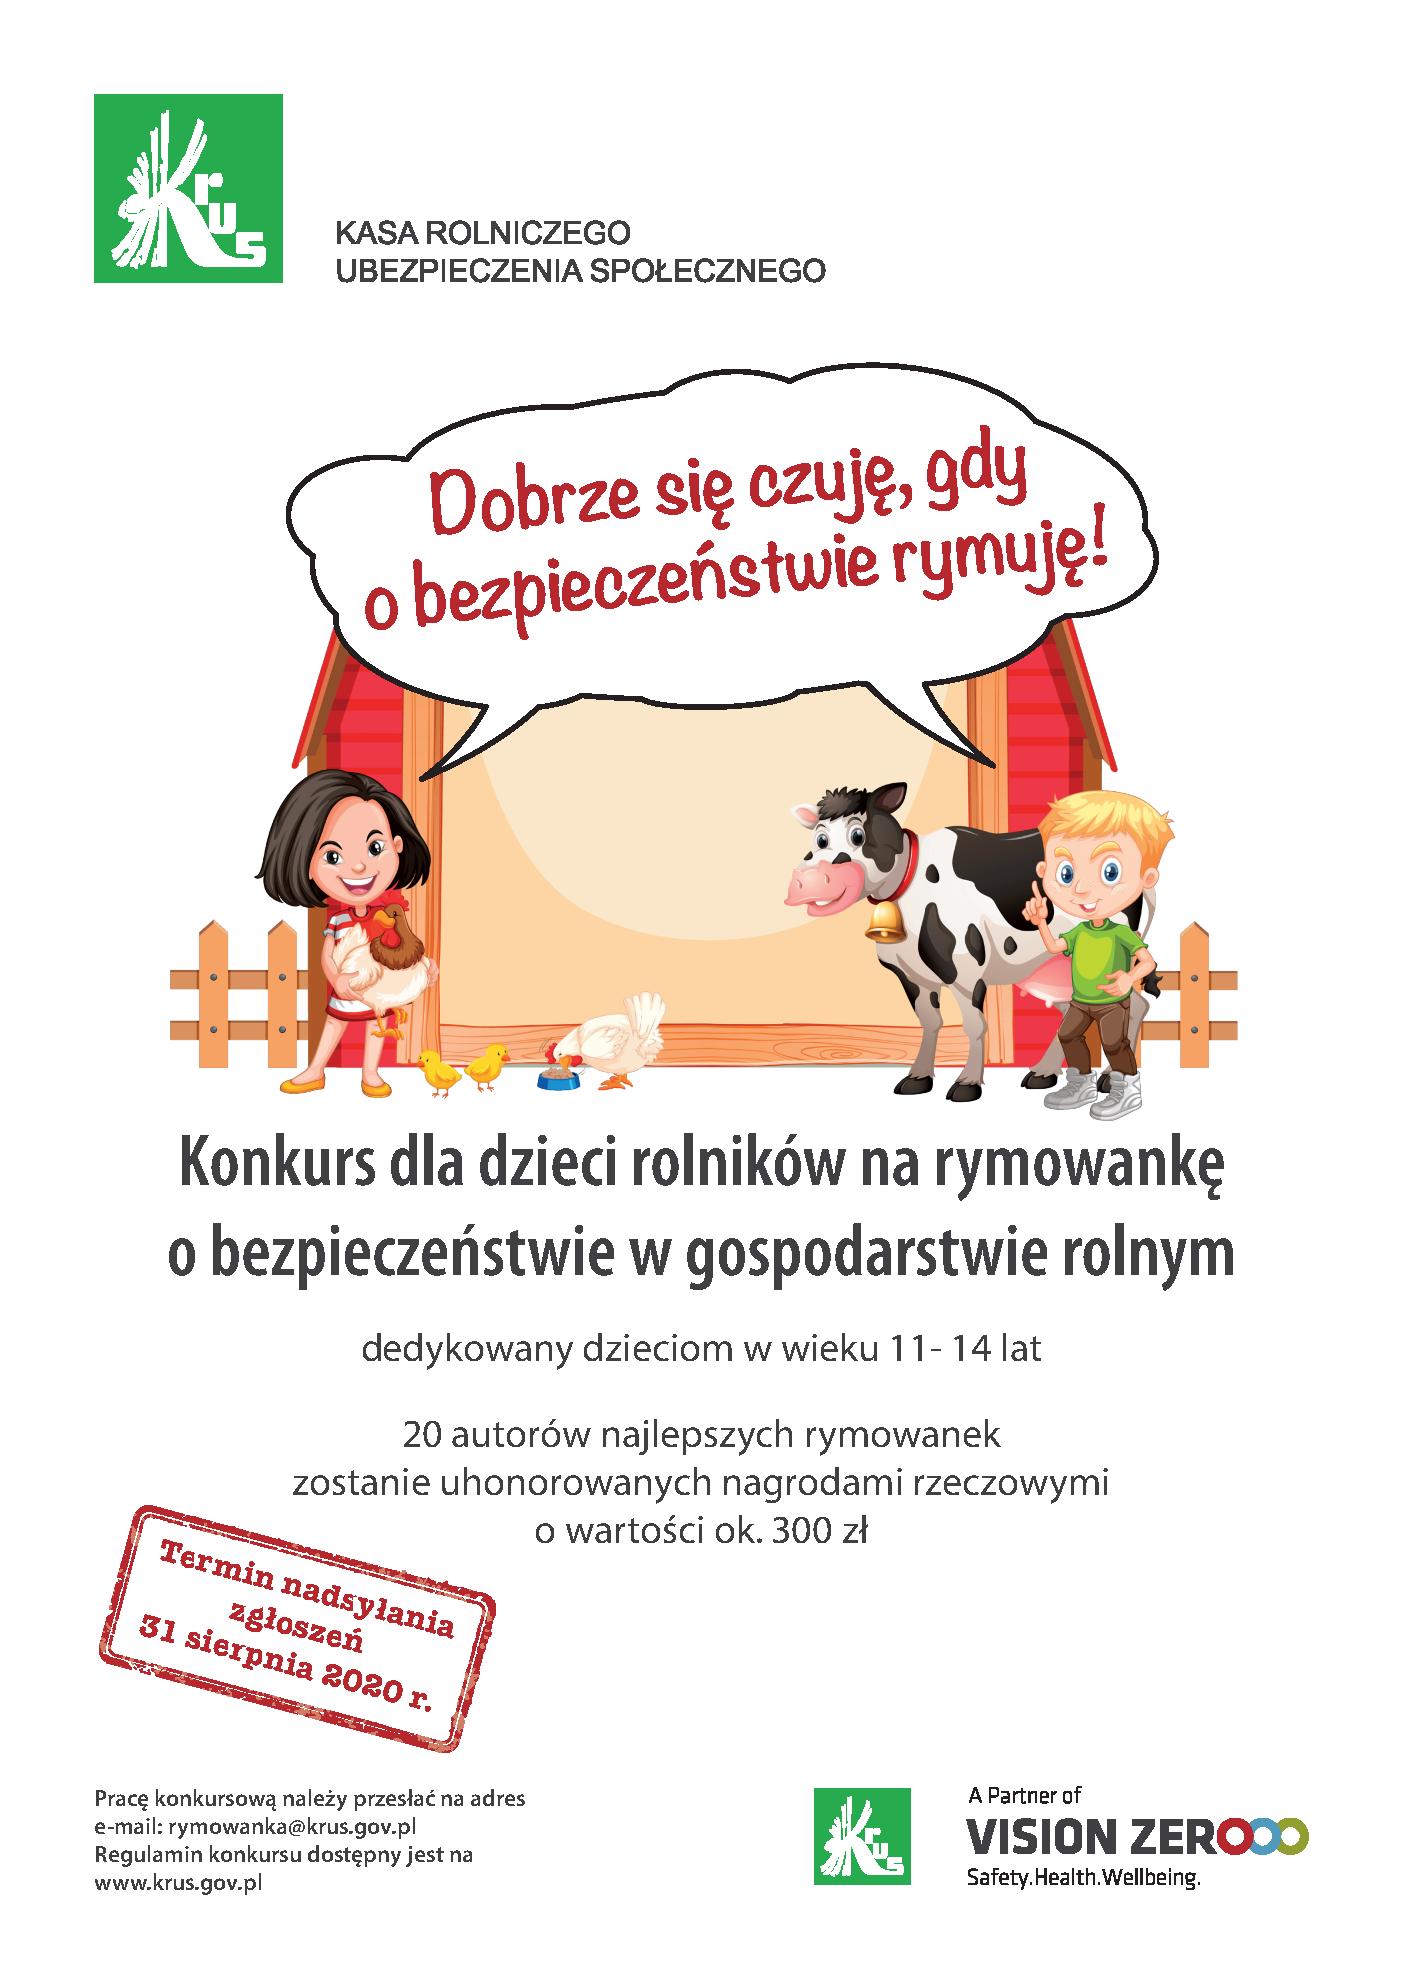 Konkurs dla dzieci rolników na rymowankę o bezpieczeństwie w gosp. rolnym